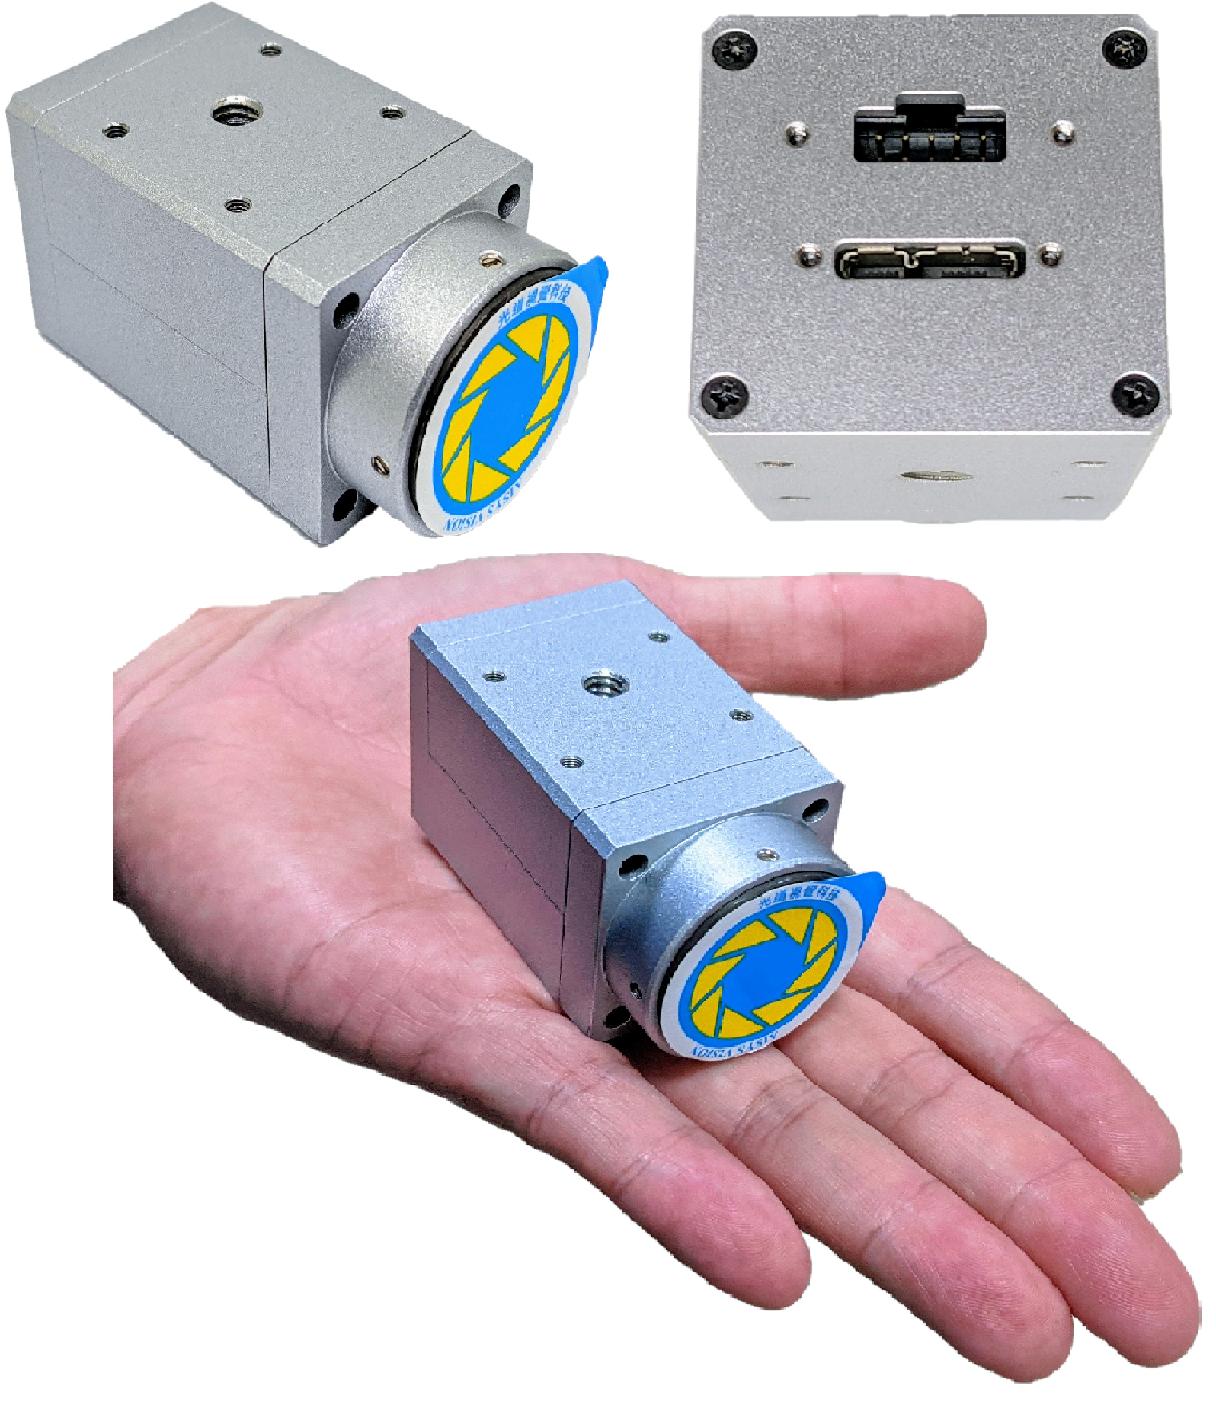 CYCLOPS SU530F-62攝影機-5.3M像素、非同步式、灰階、內建LED燈源控制器